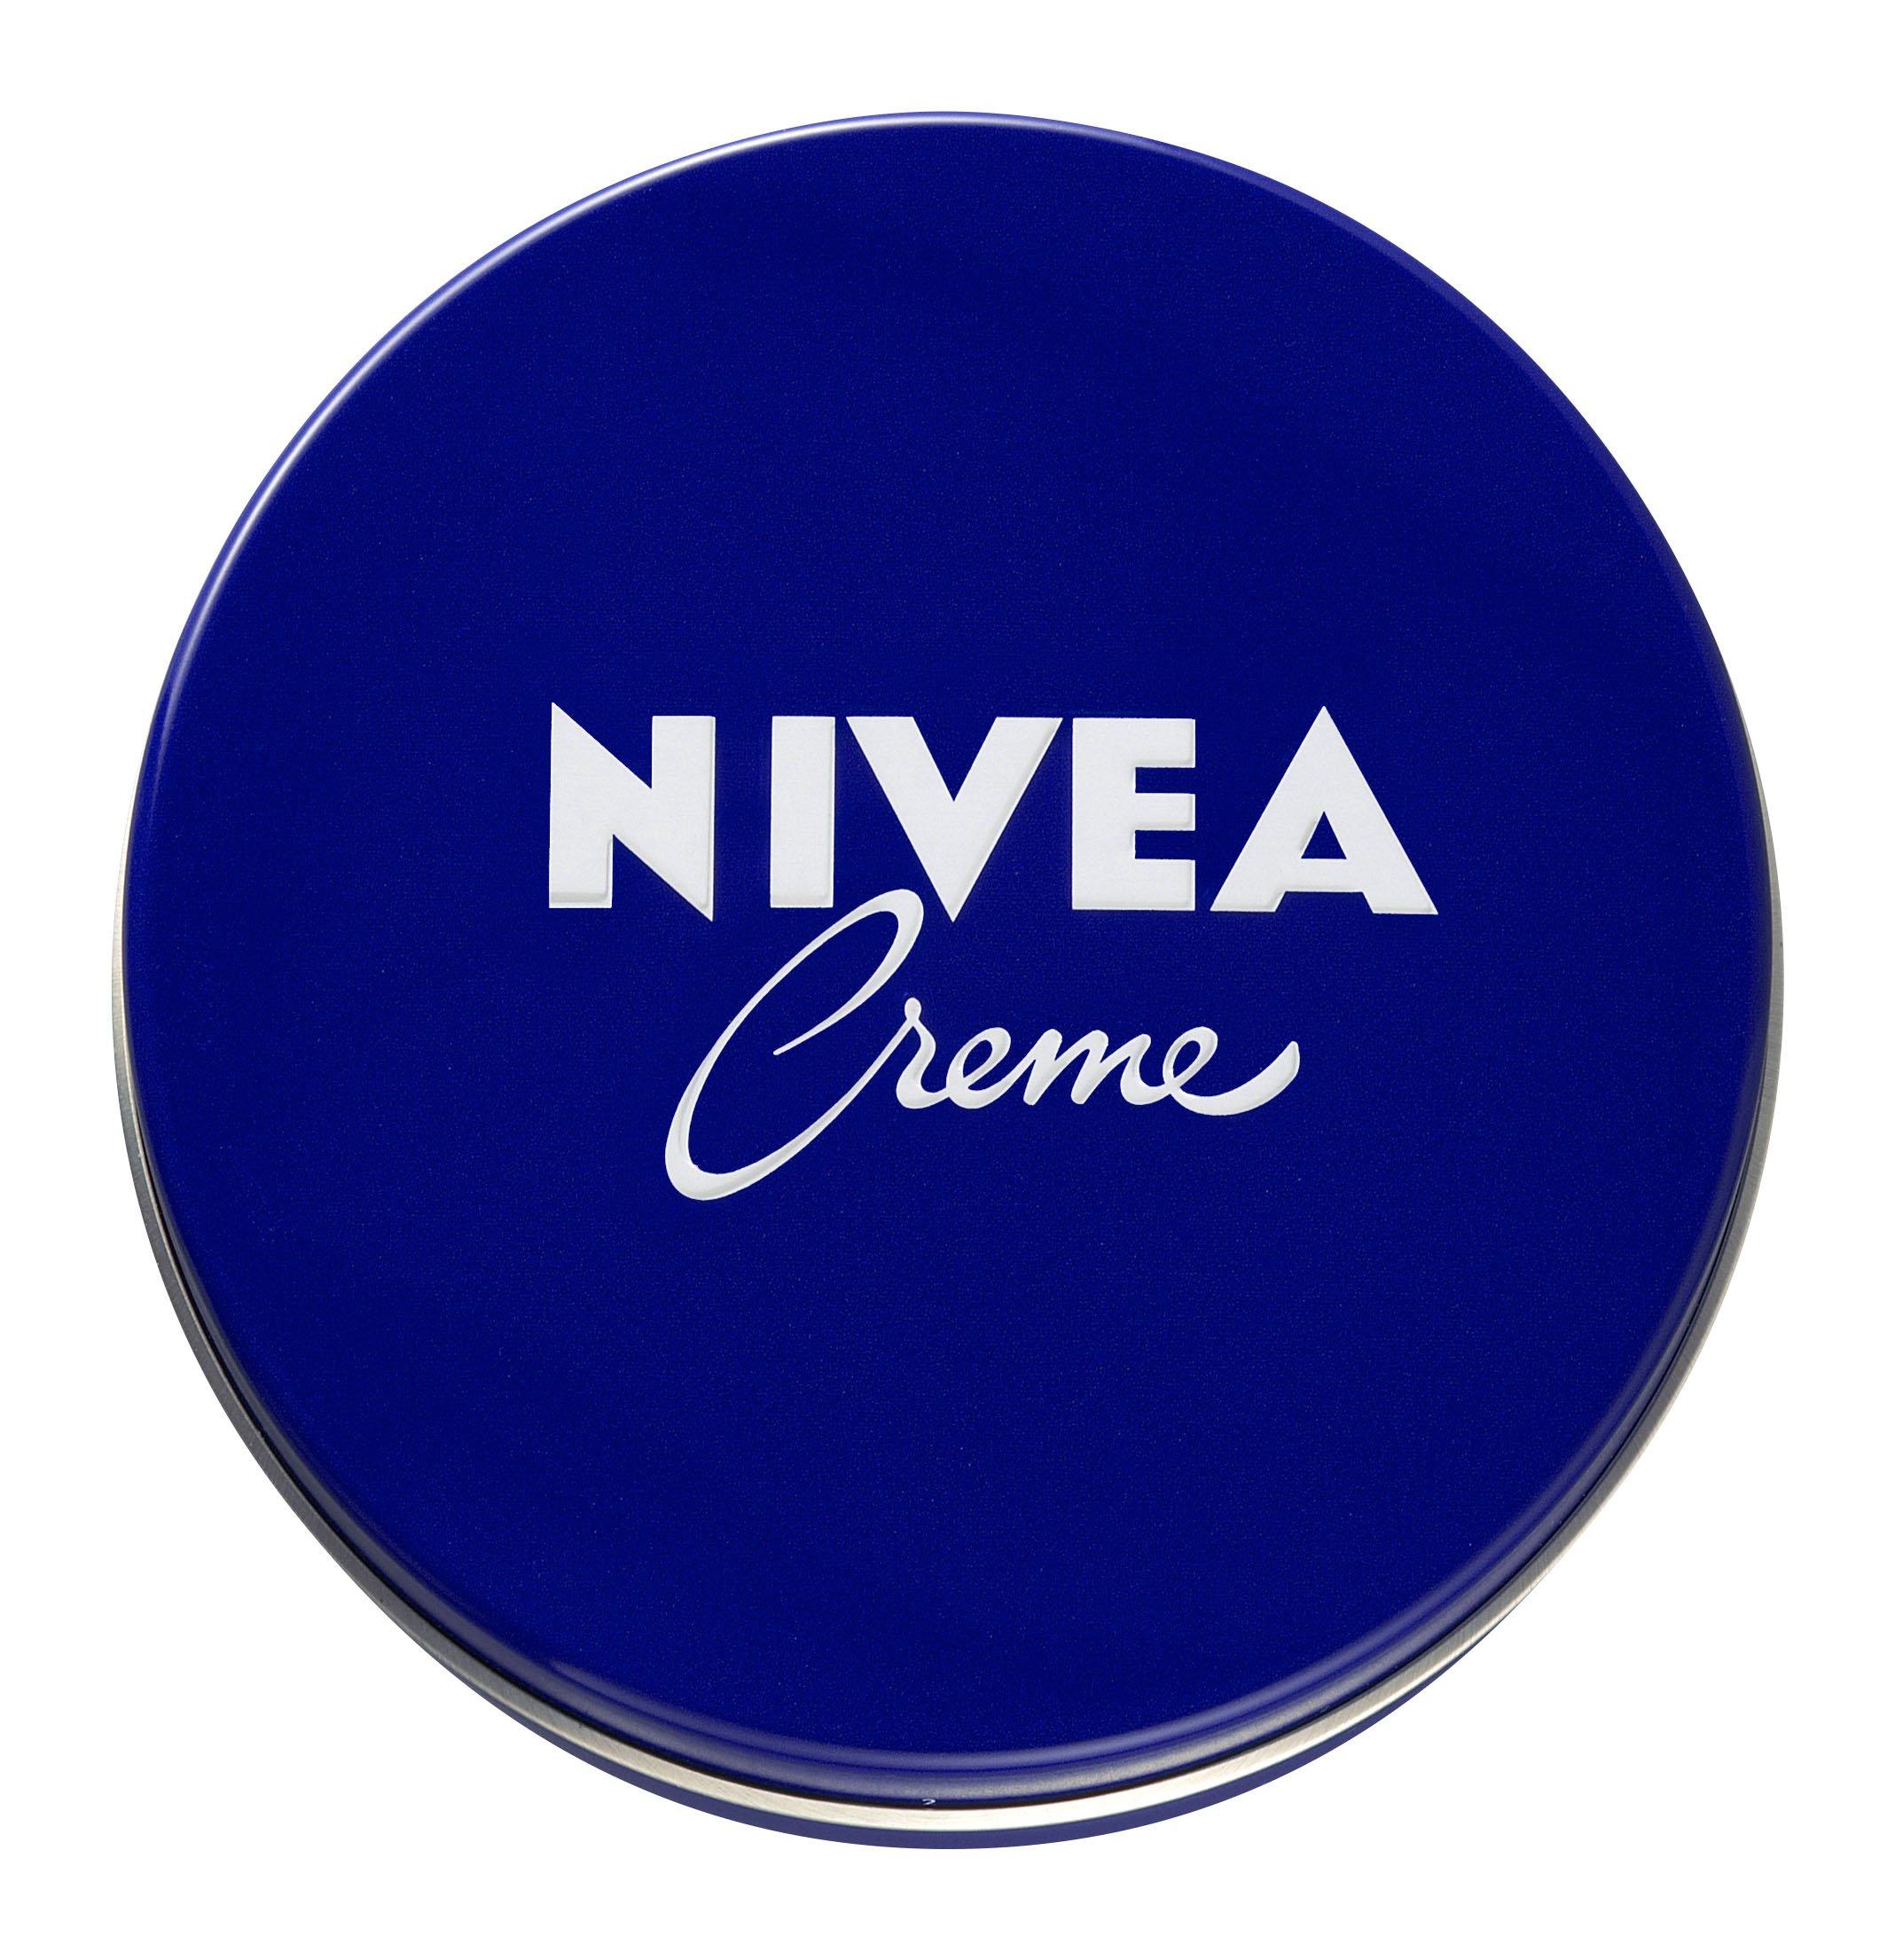 ニベア クリーム 大缶 169g product image